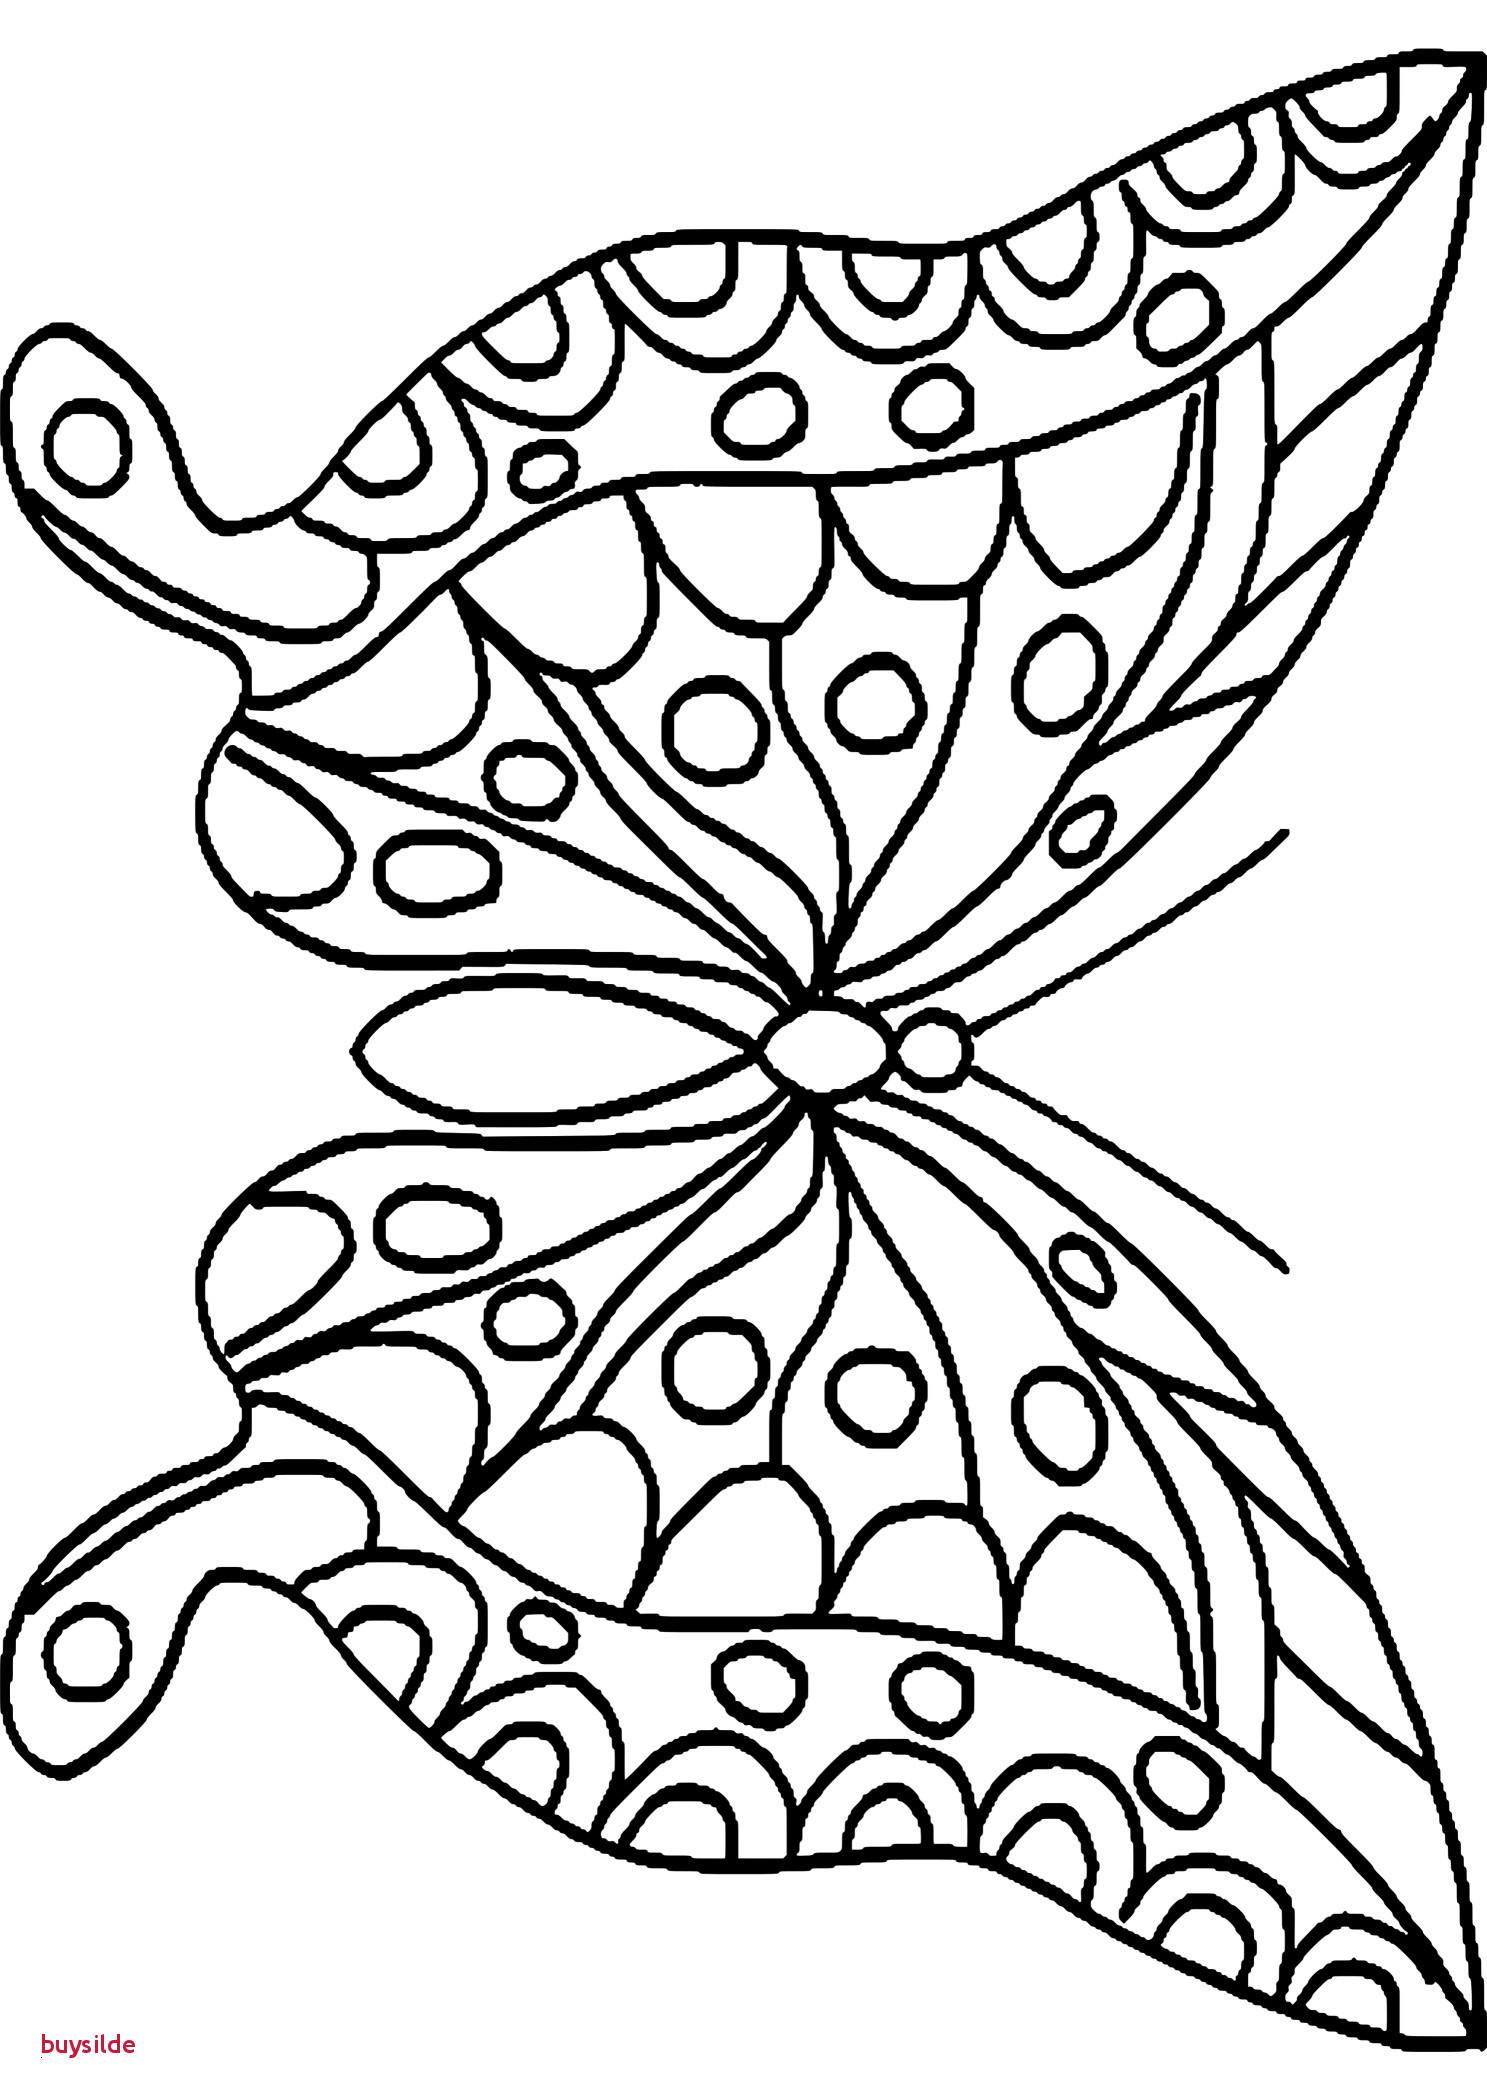 Shaun Das Schaf Ausmalbild Einzigartig Minnie Mouse Malvorlagen Elegant Inspirational Minnie Mouse Drawing Fotos